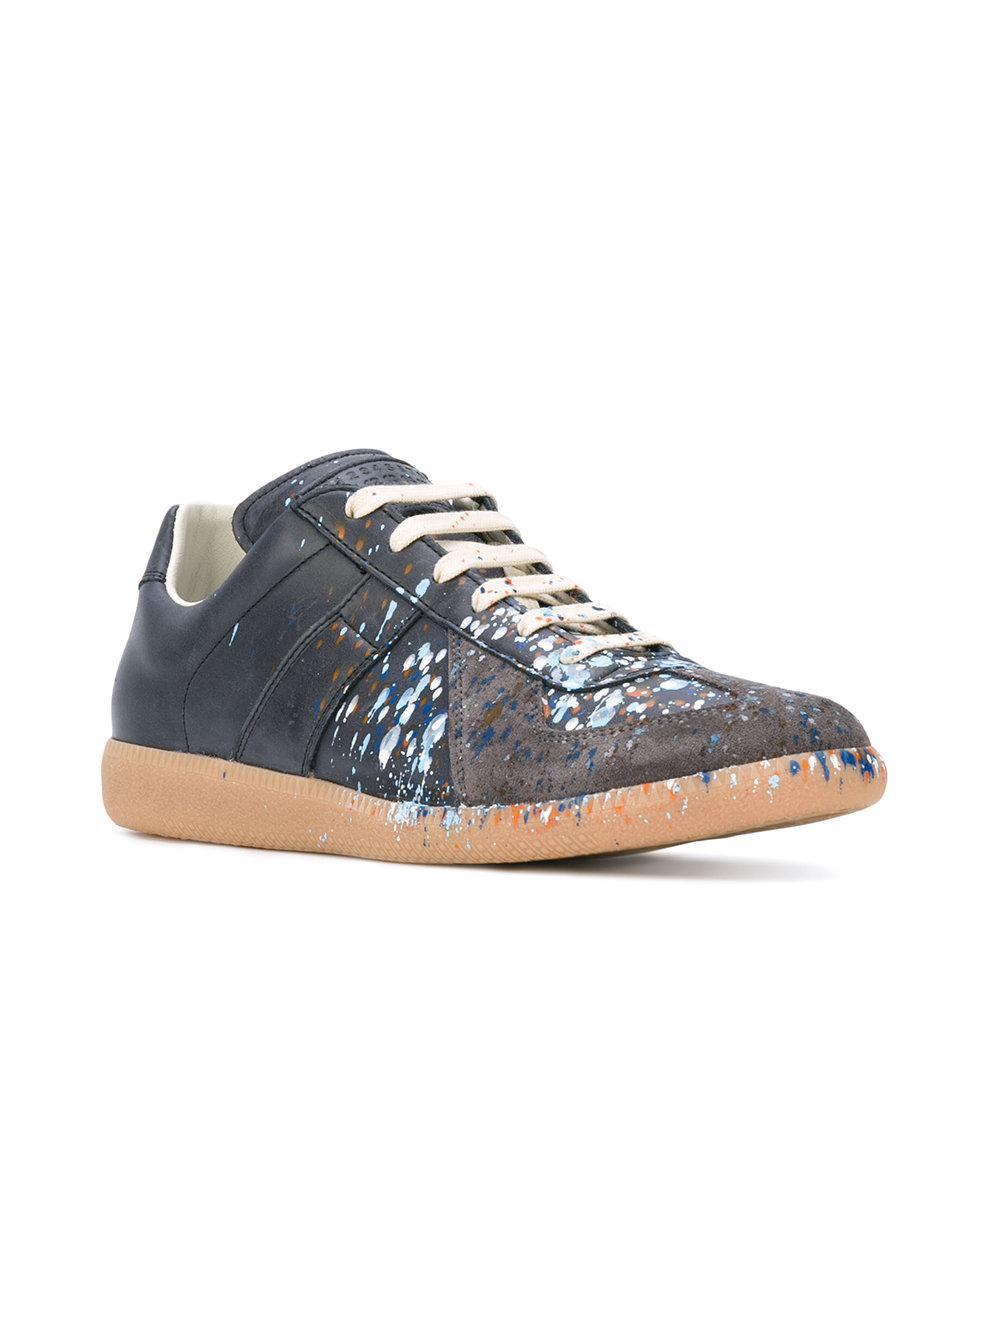 ef9e947a0e45 Maison Margiela Grey Paint Splatter Replica Sneakers in Blue for Men - Lyst